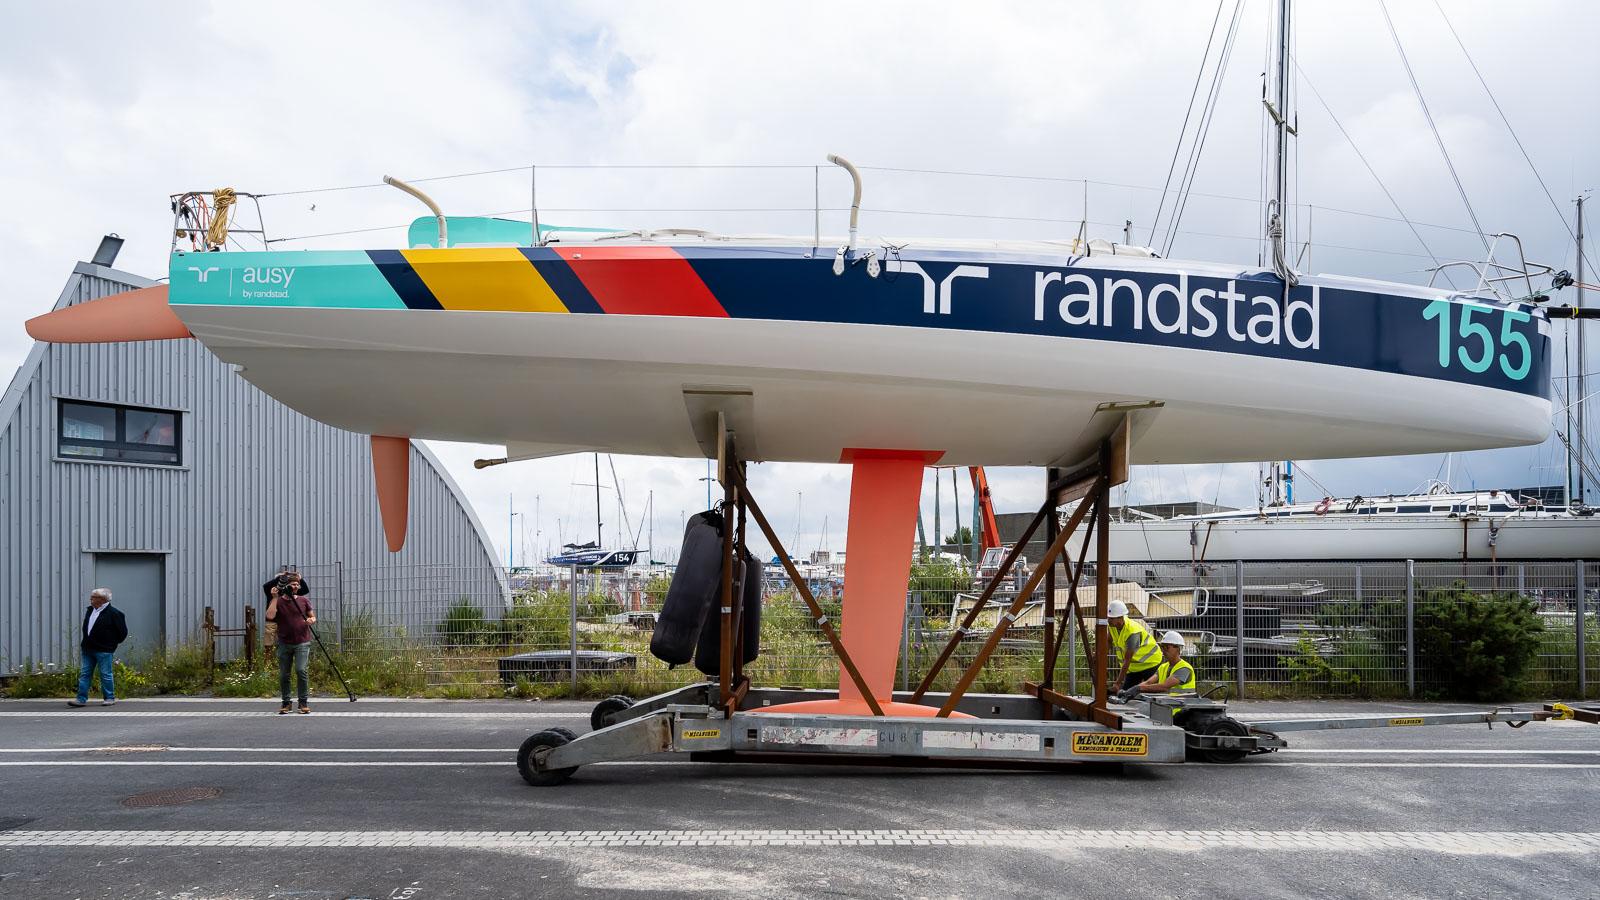 Bateau Randstad Ausy